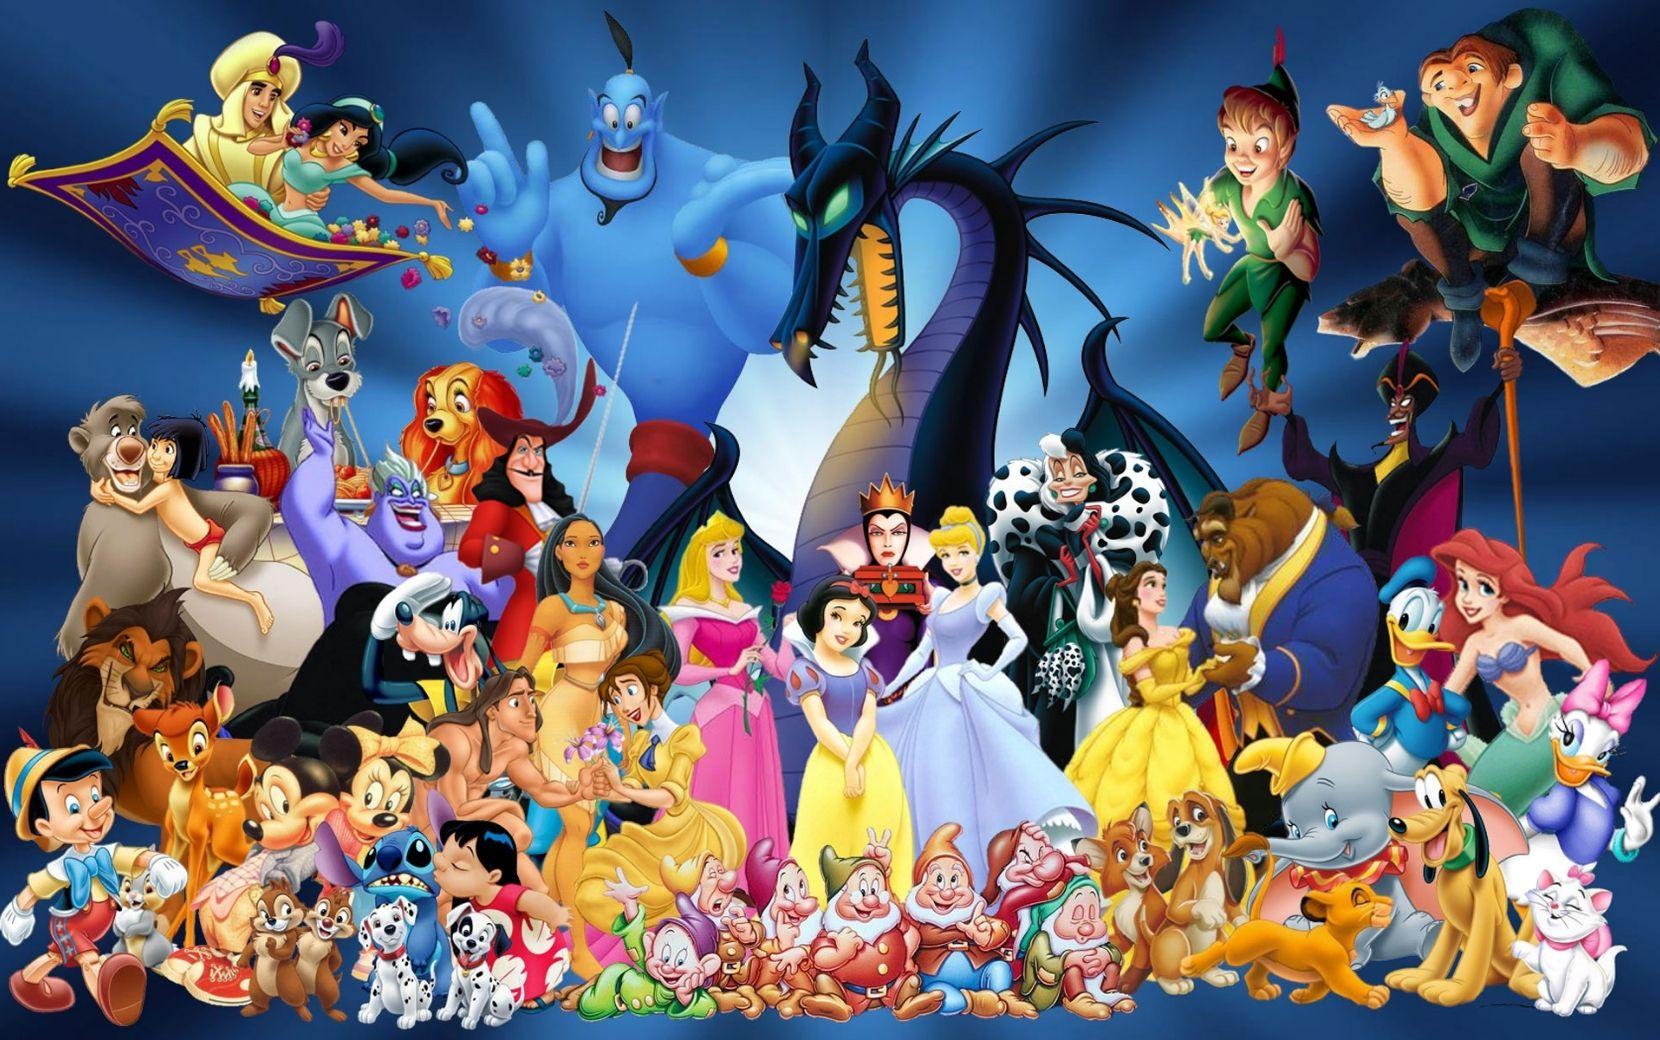 Descubra seu nível de fã da Disney!